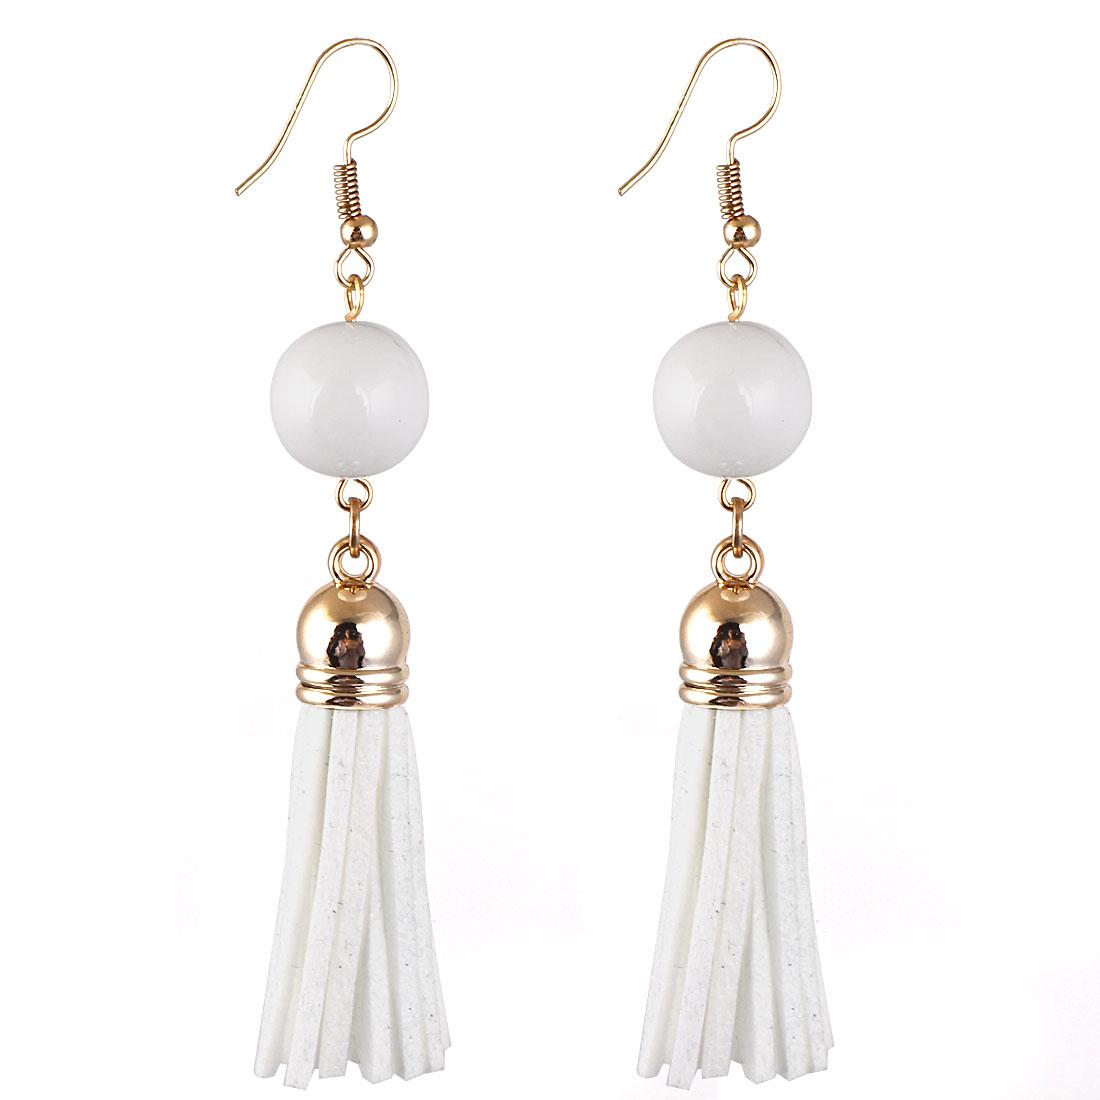 Lady Women Fashion Jewelry Bead Decor Long Tassel Dangle Earrings Pair White